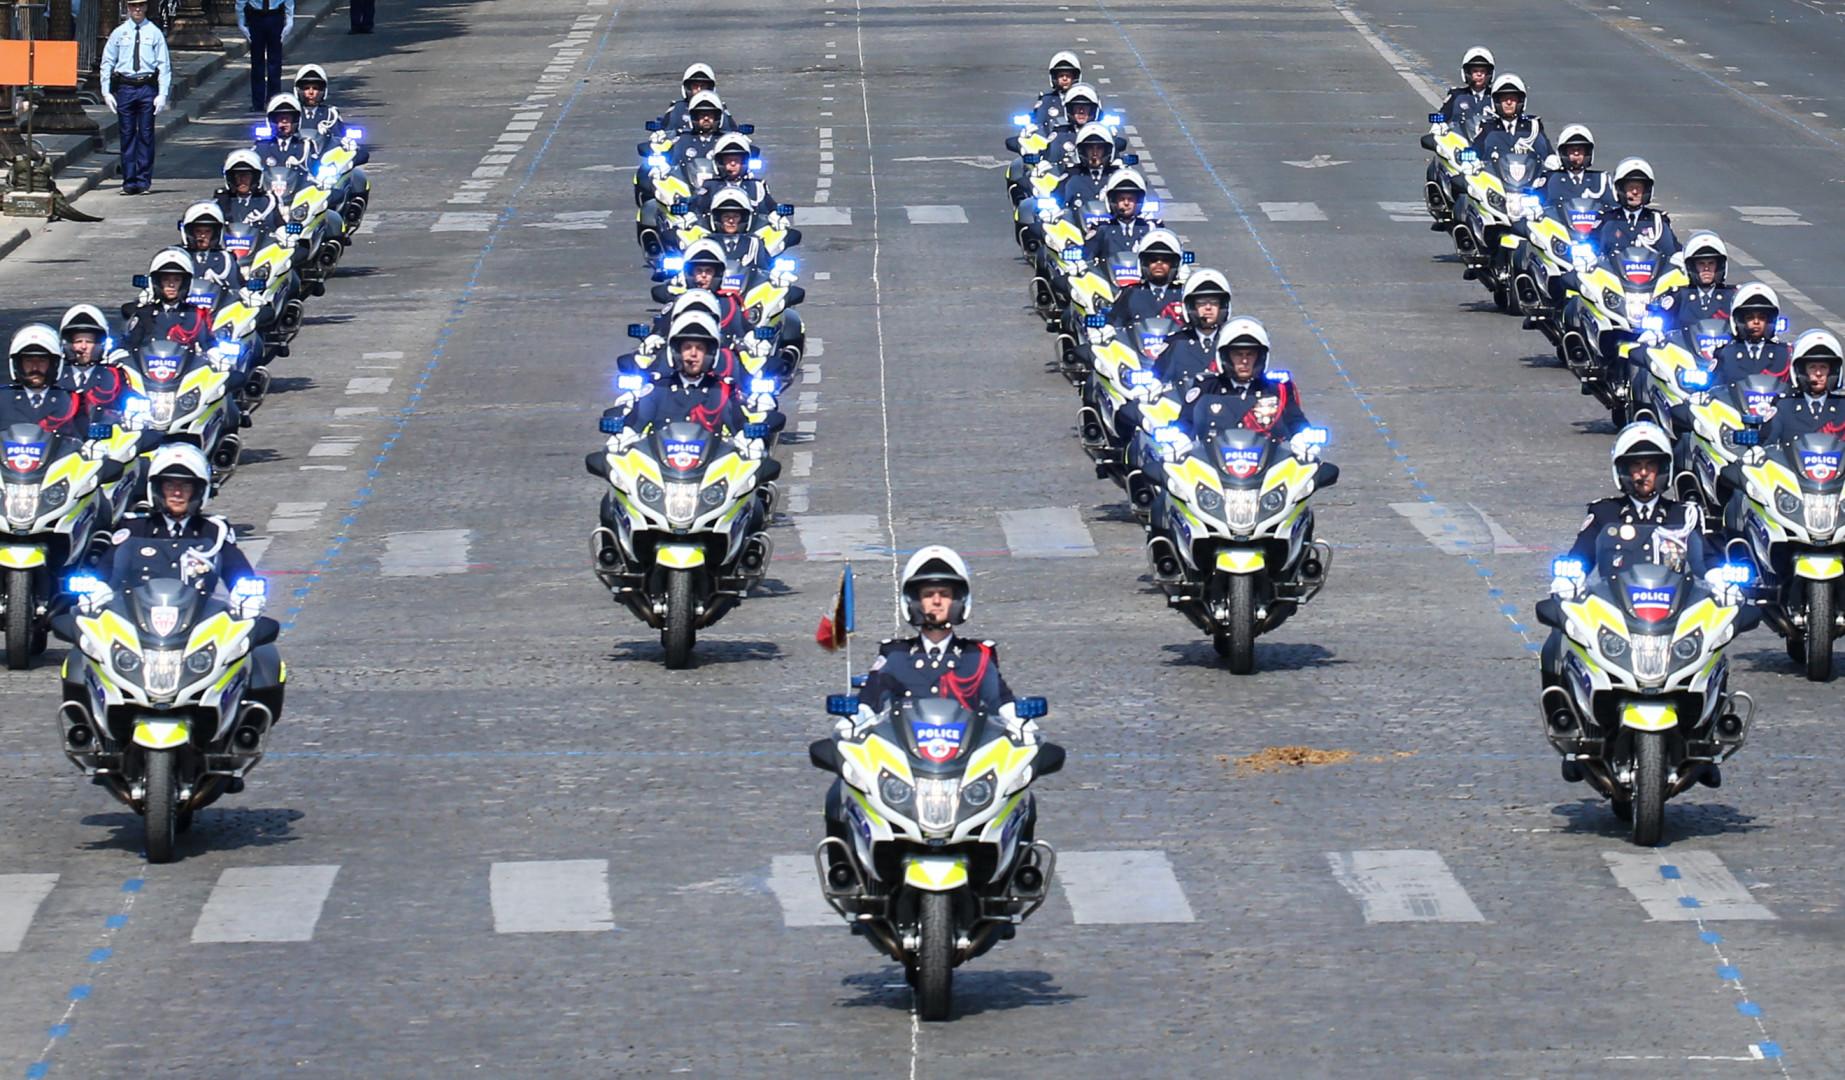 La police nationale à moto sur les Champs-Élysées samedi 14 juillet 2018